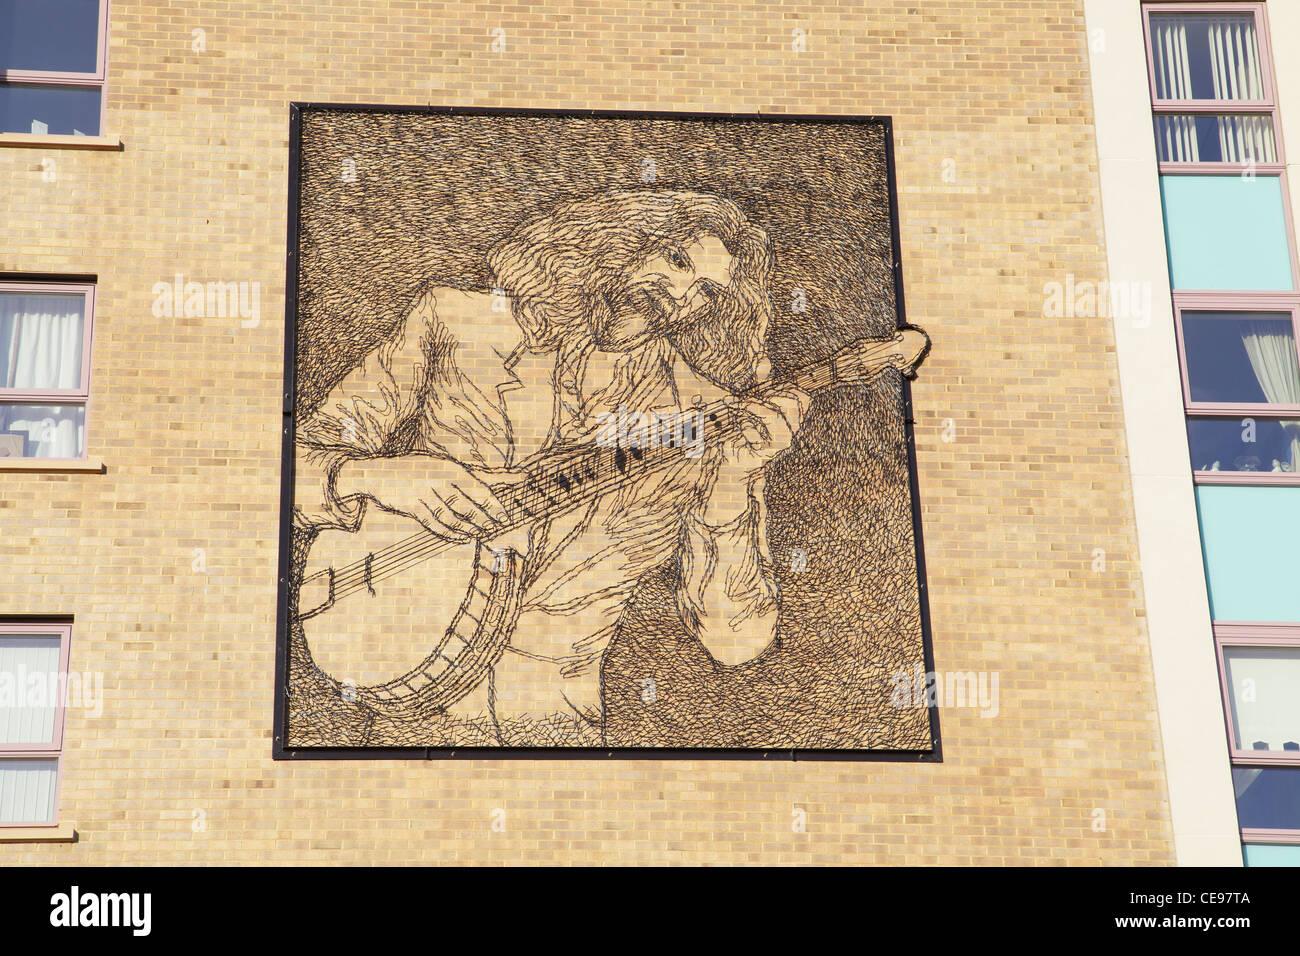 Mural Uk Scotland Stock Photos & Mural Uk Scotland Stock Images - Alamy